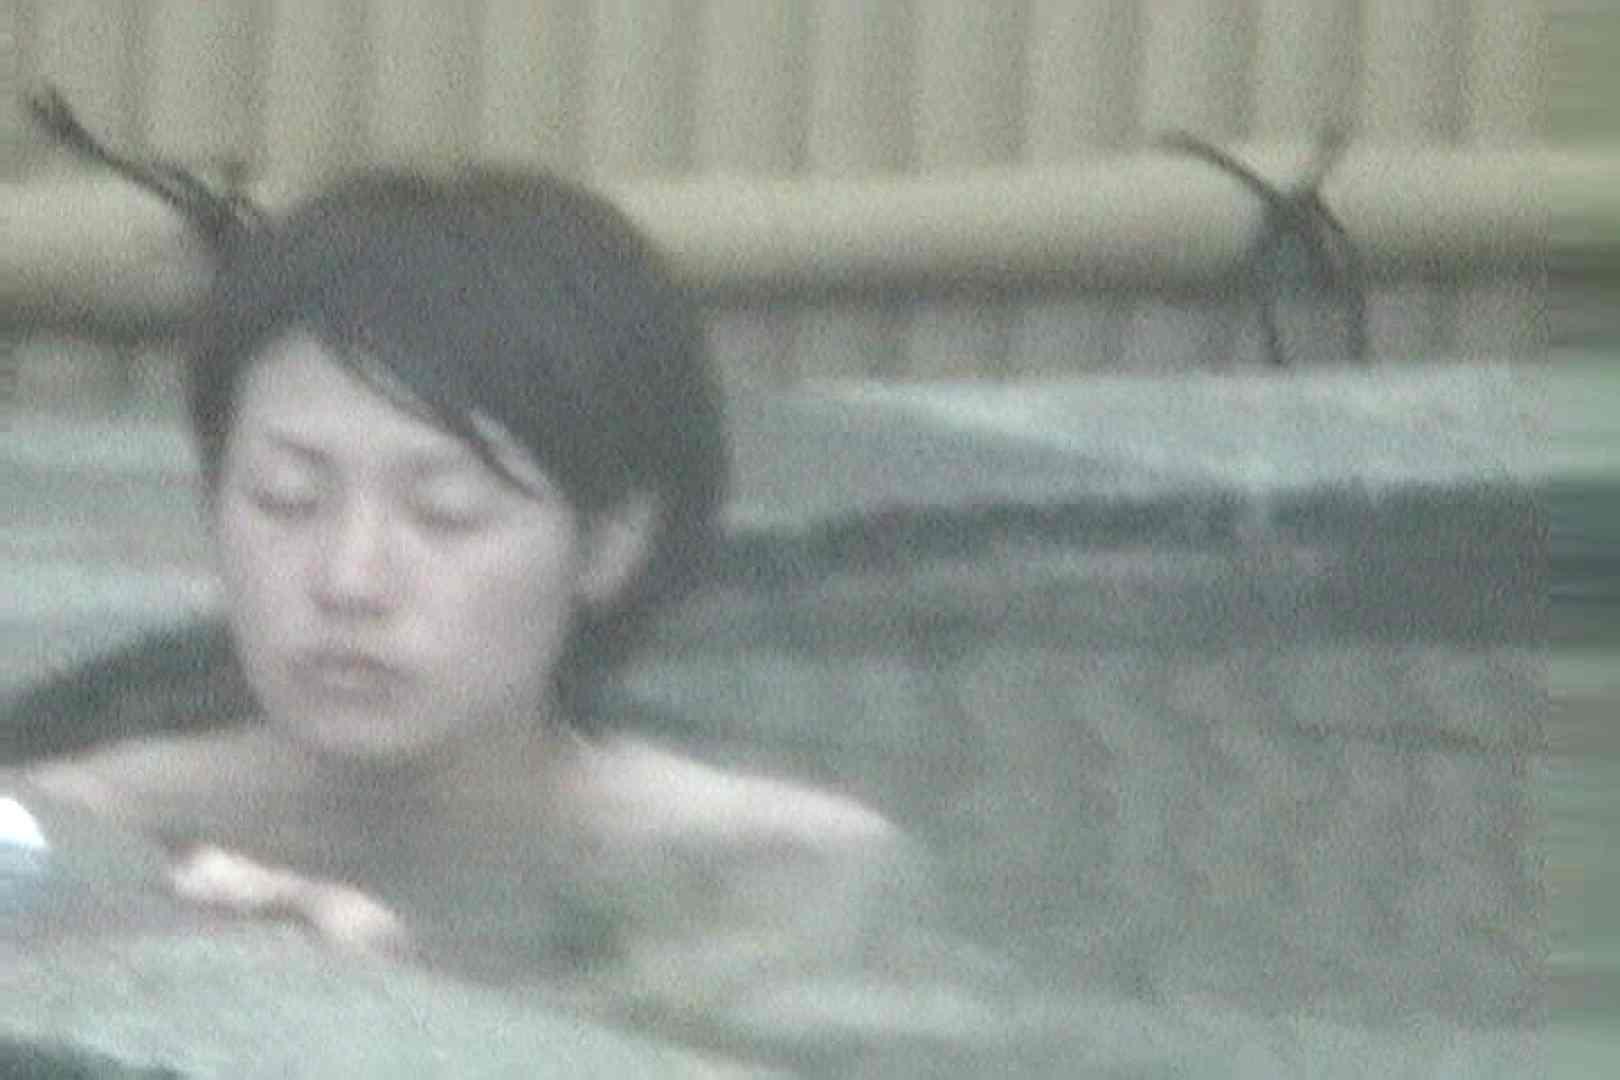 Aquaな露天風呂Vol.100【VIP限定】 盗撮 | 露天  98pic 49